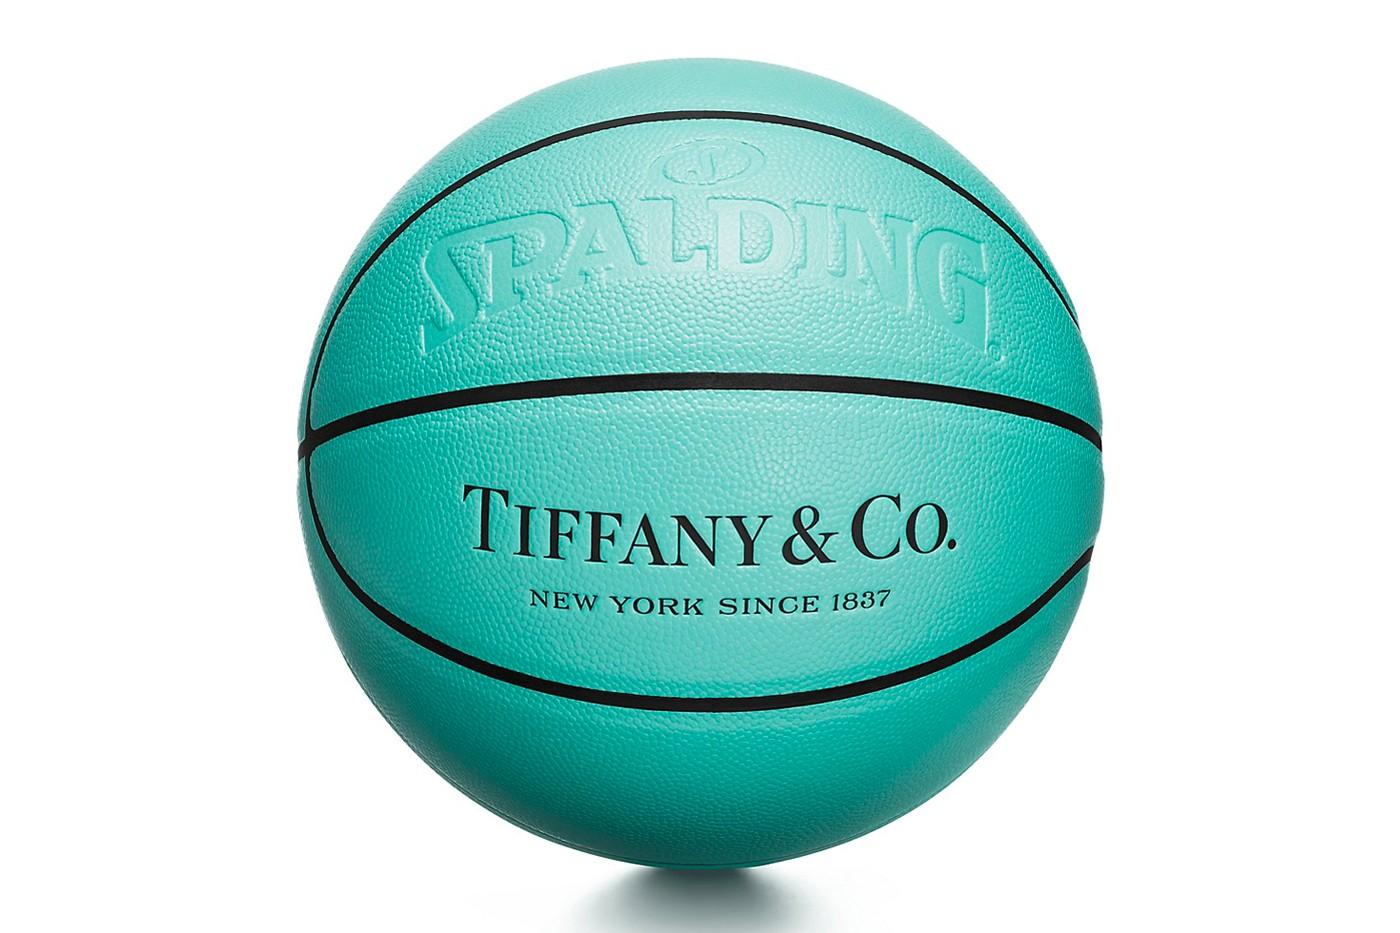 Tiffany выпустили коллекцию спортивного снаряжения перед ОИ в Токио